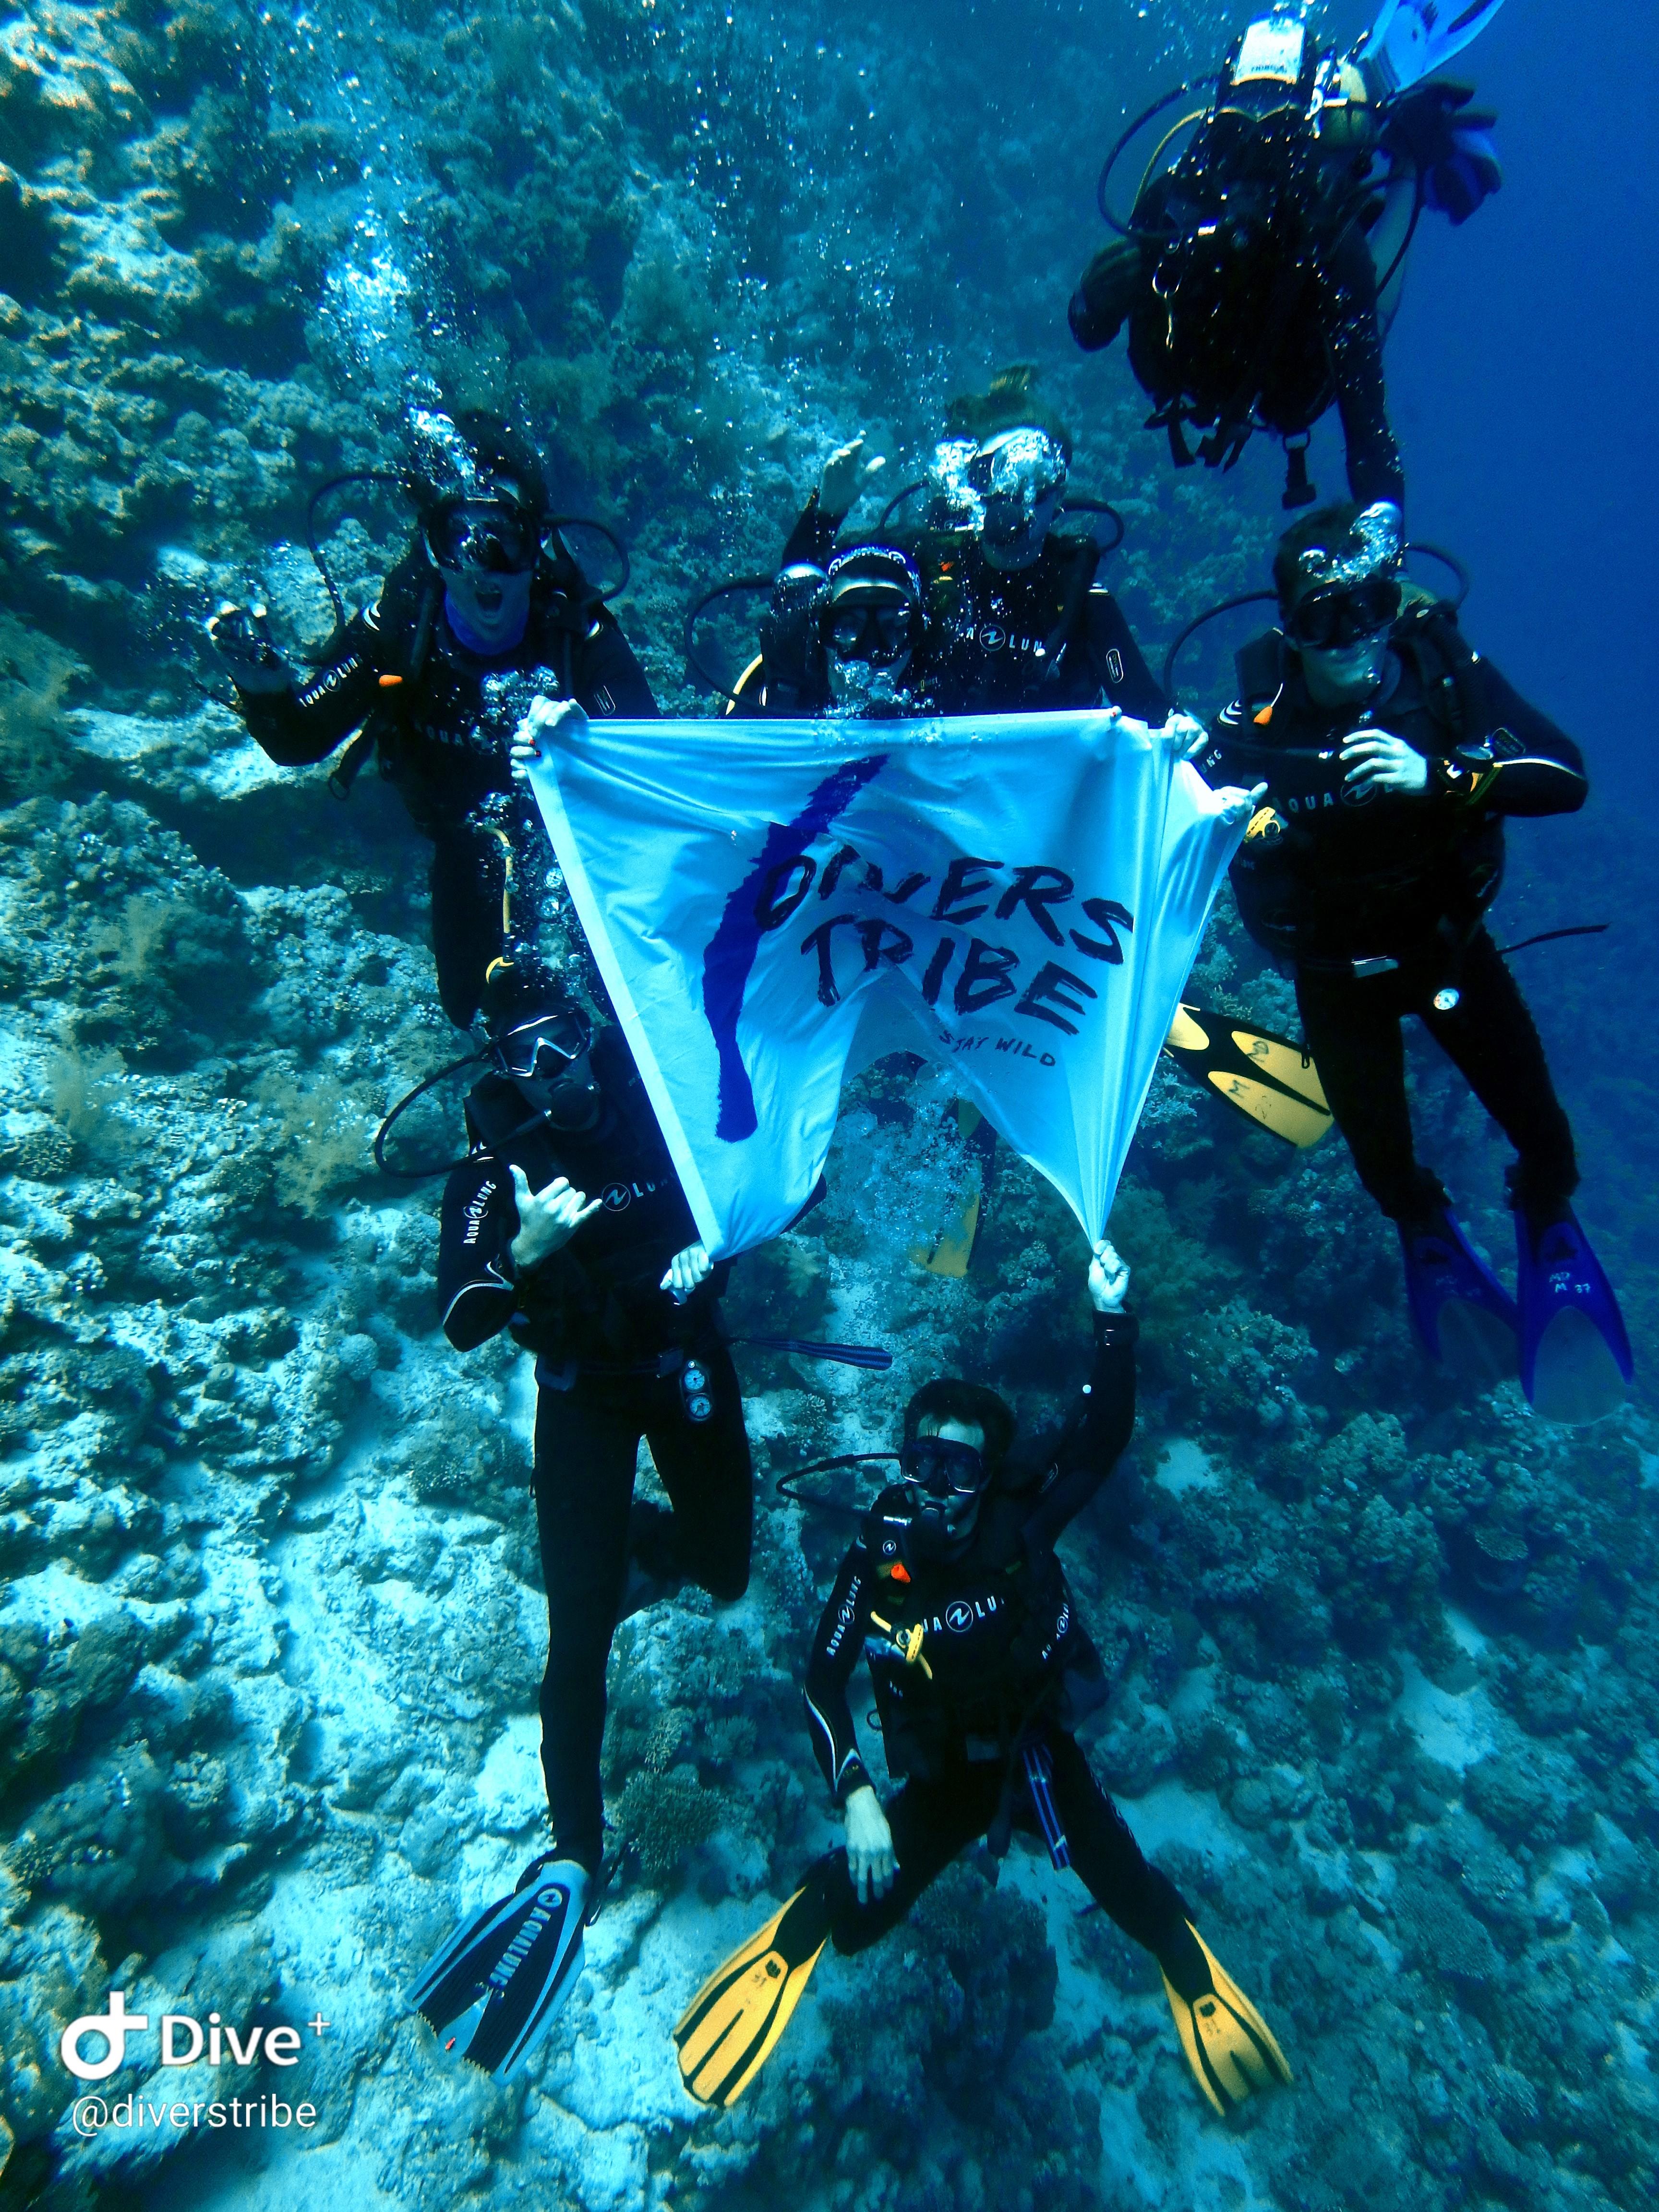 bandera bajo el agua